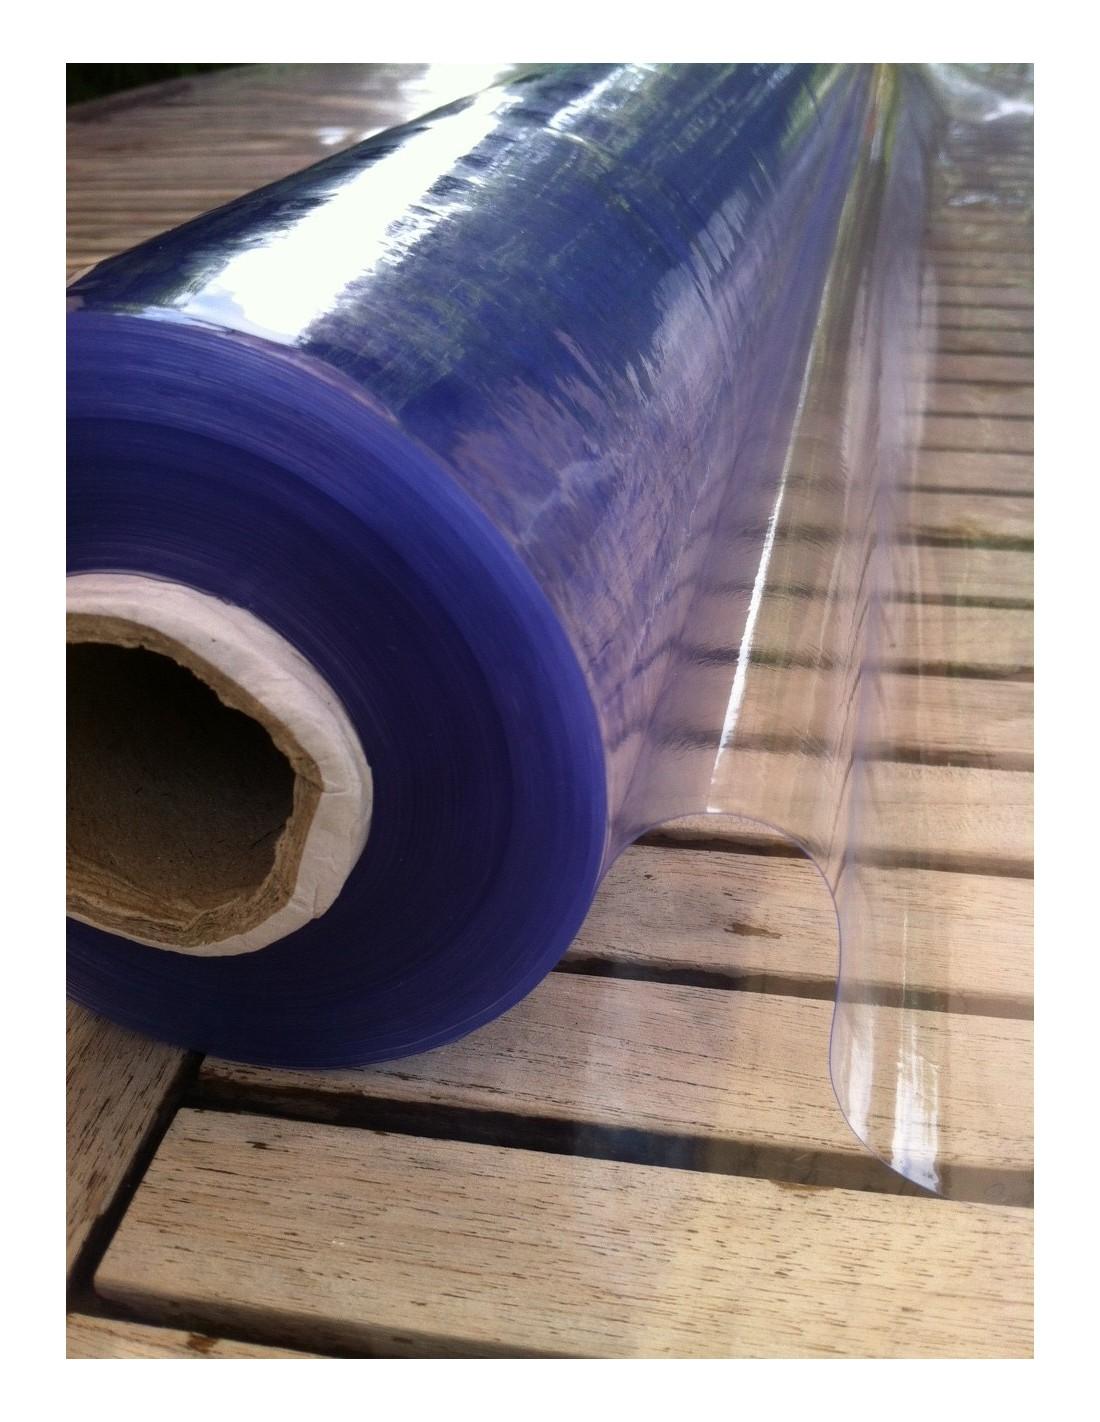 nappe cristal transparente plastique de protection pour table toile ciree crystal pvc sous nappe proteger table restaurant